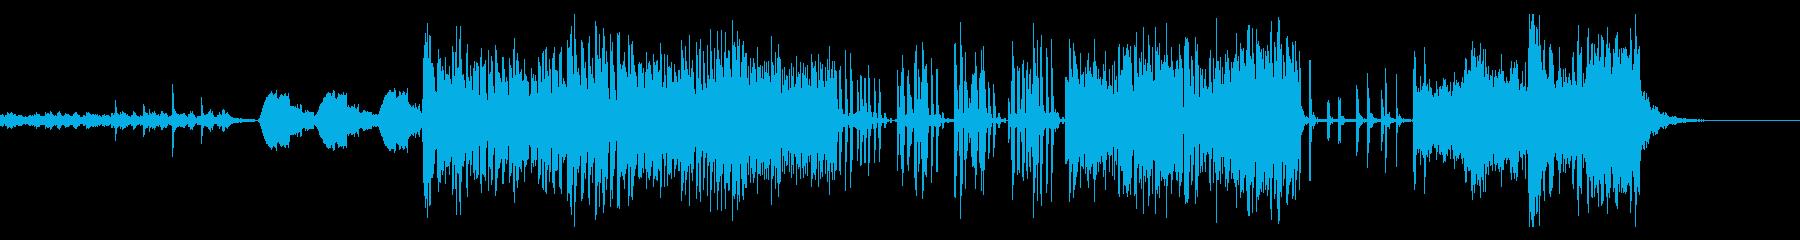 研究所のAI戦 不気味なEDMハウス風の再生済みの波形